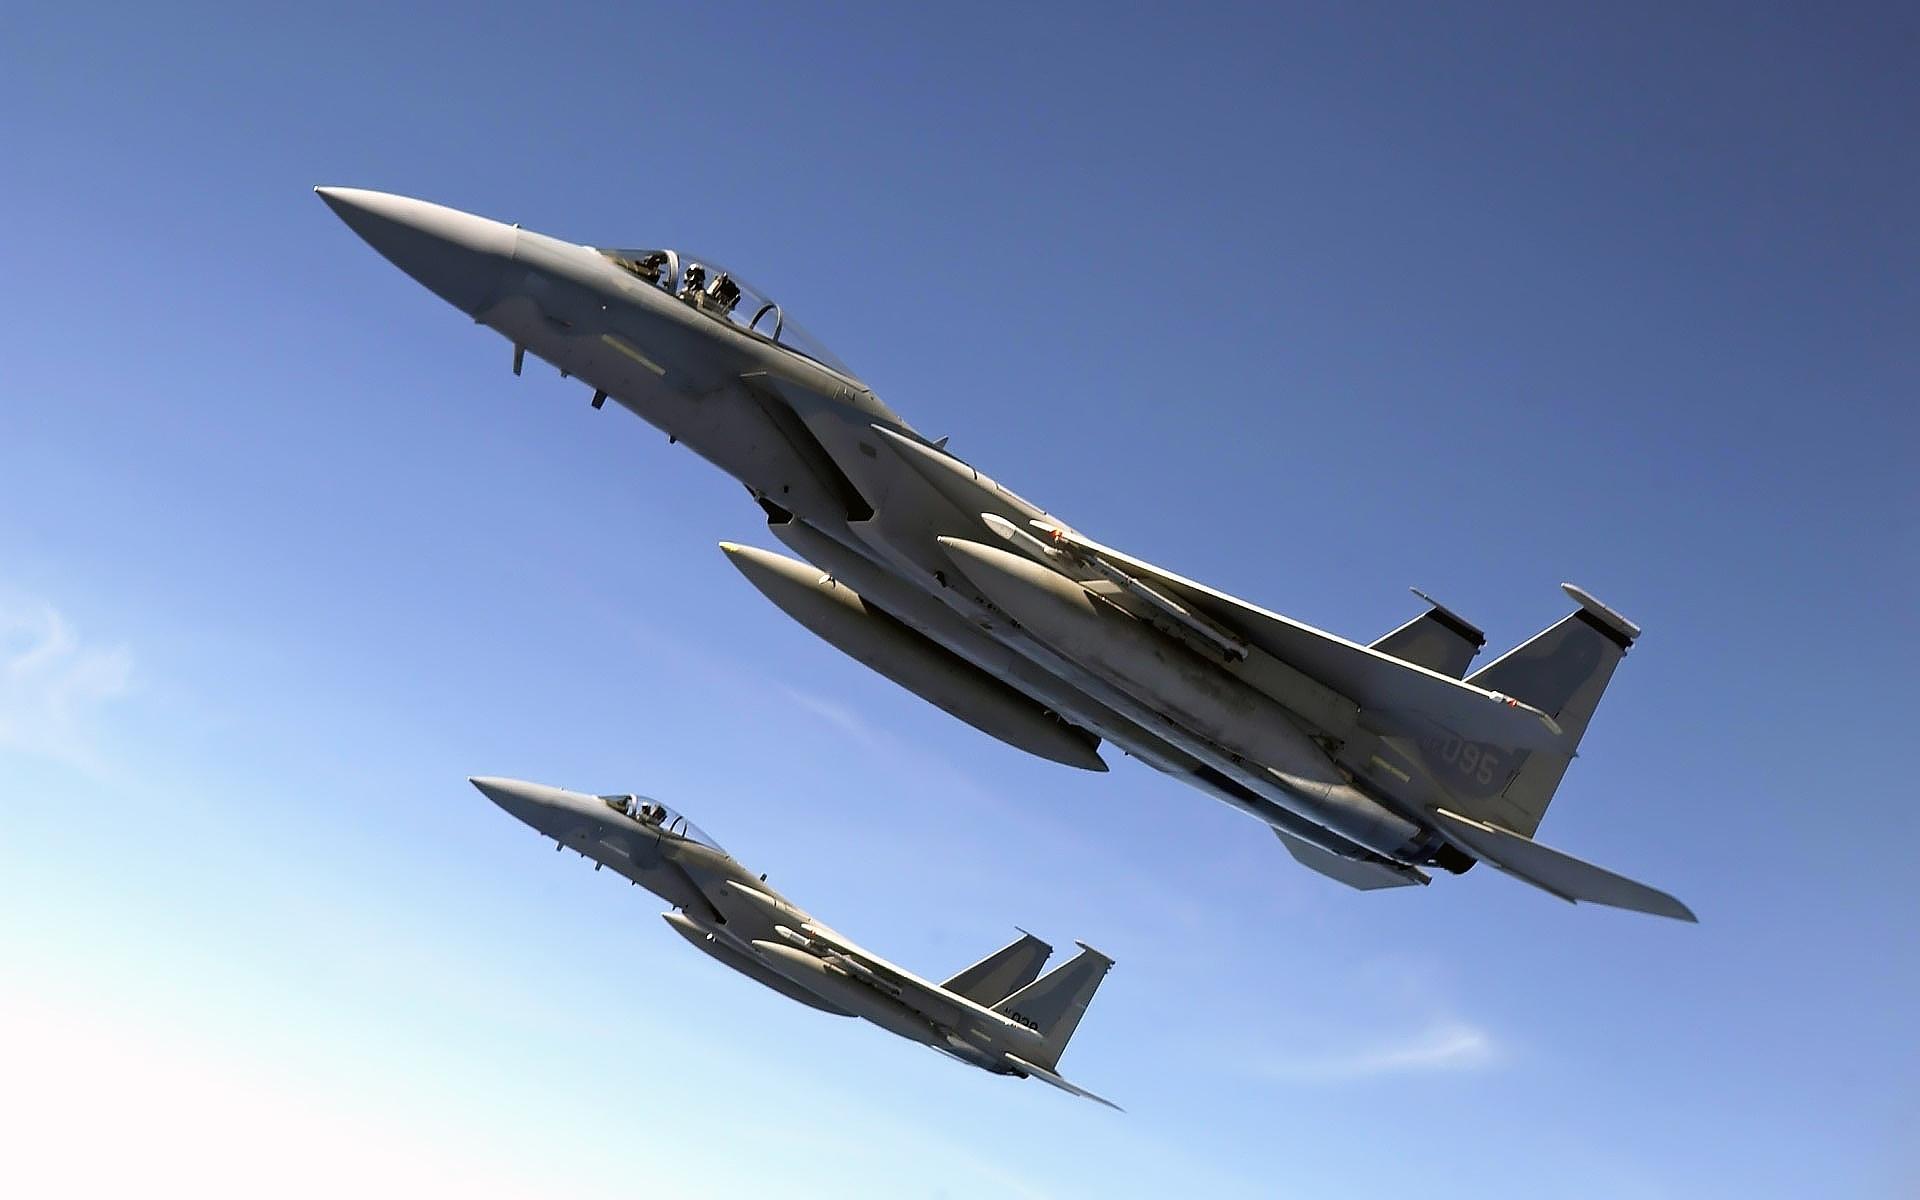 Истребители, самолеты, обои для рабочего стола